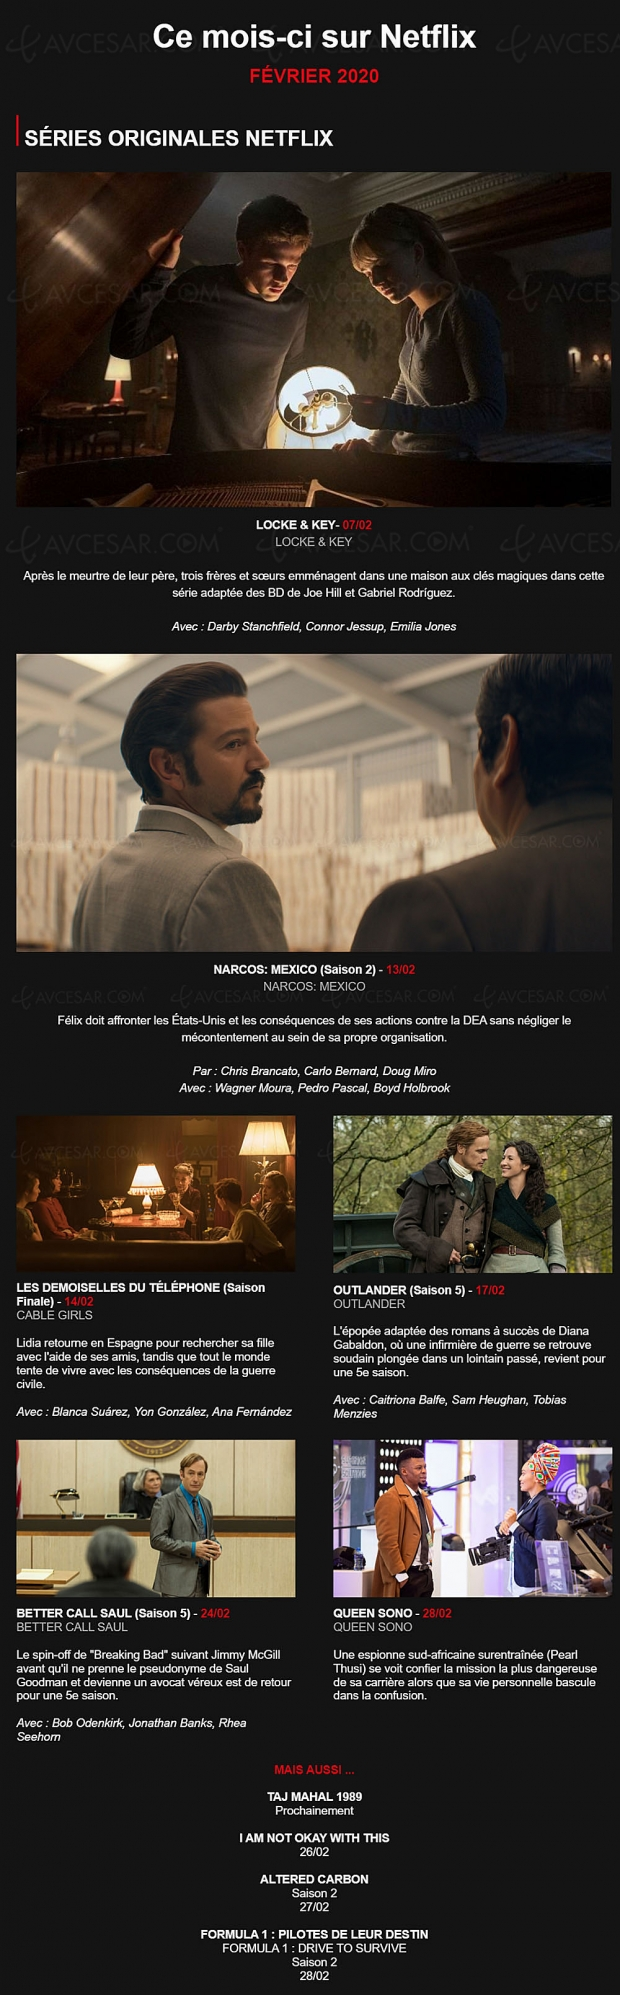 Quoi de neuf sur Netflix en février ? Better Call Saul de retour !